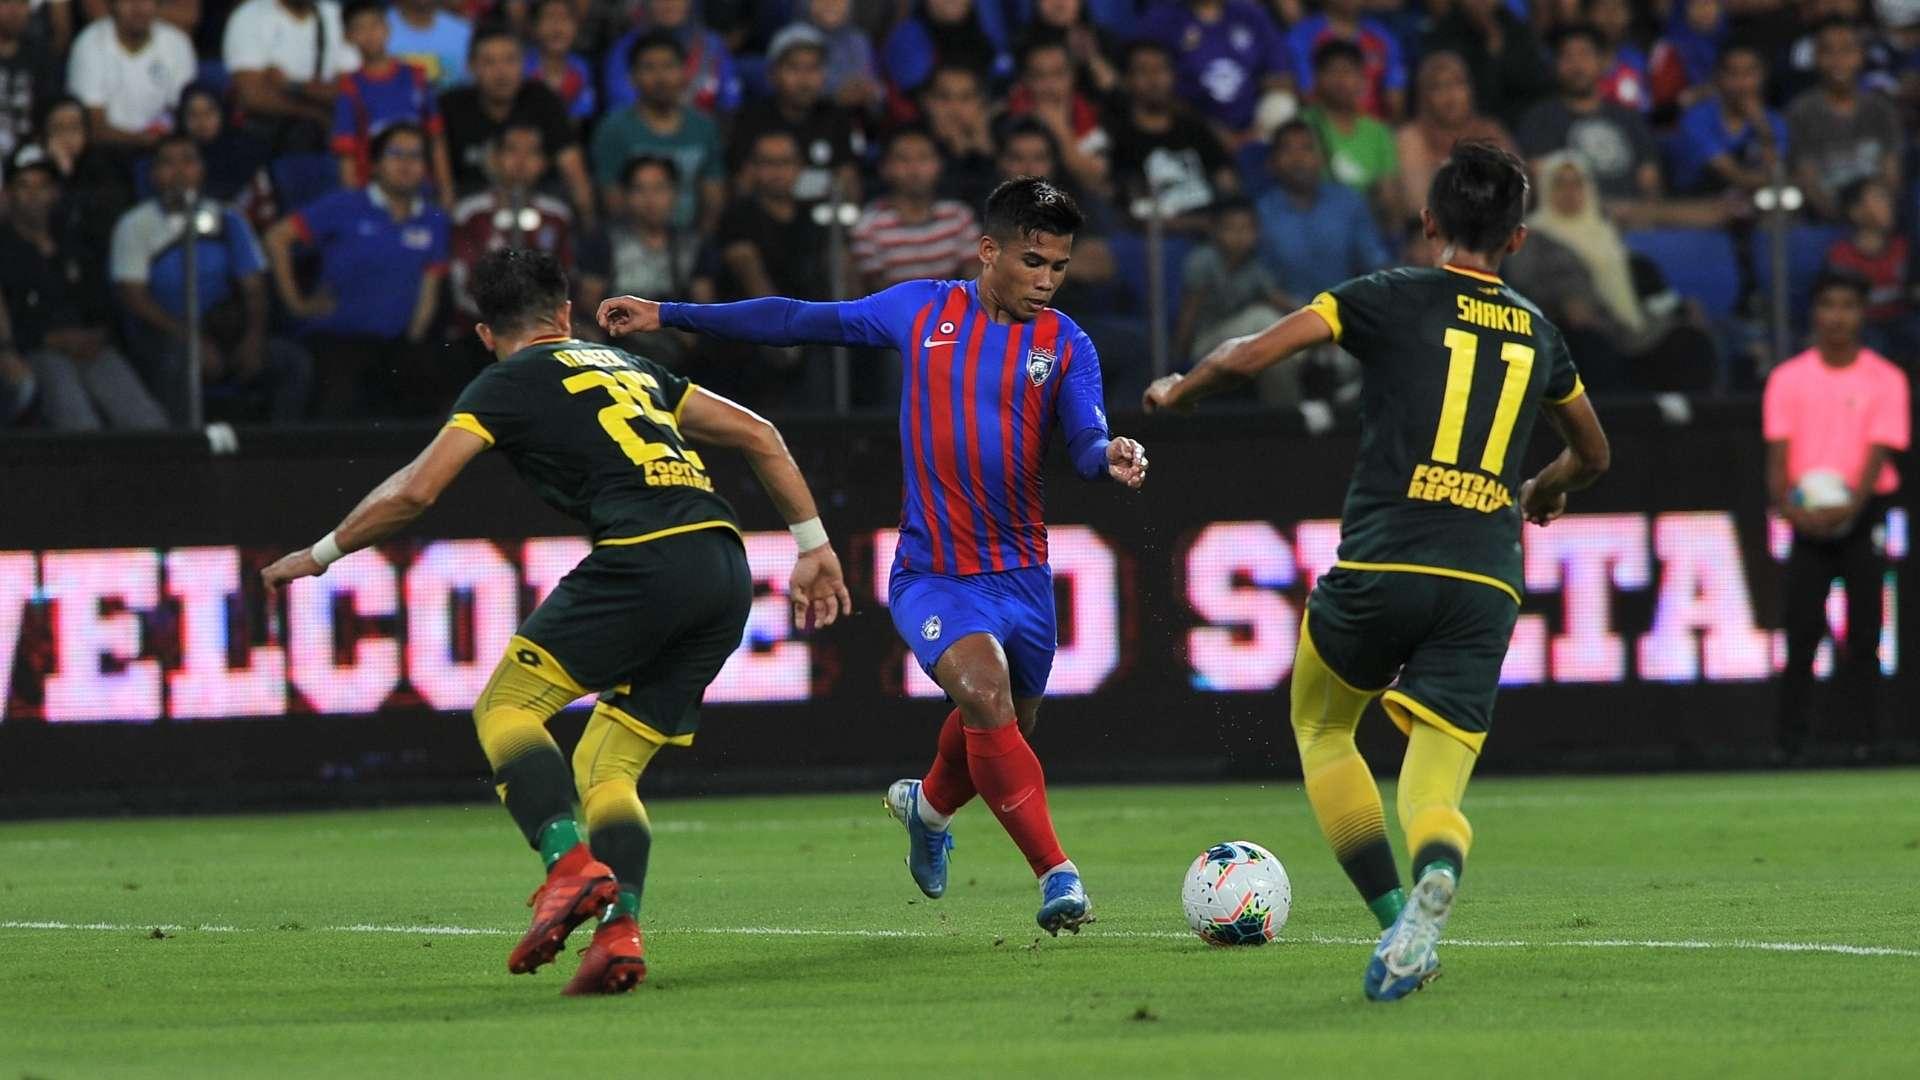 Jdt Edge Out Kedah To Lift First Silverware Of 2020 Season Goal Com